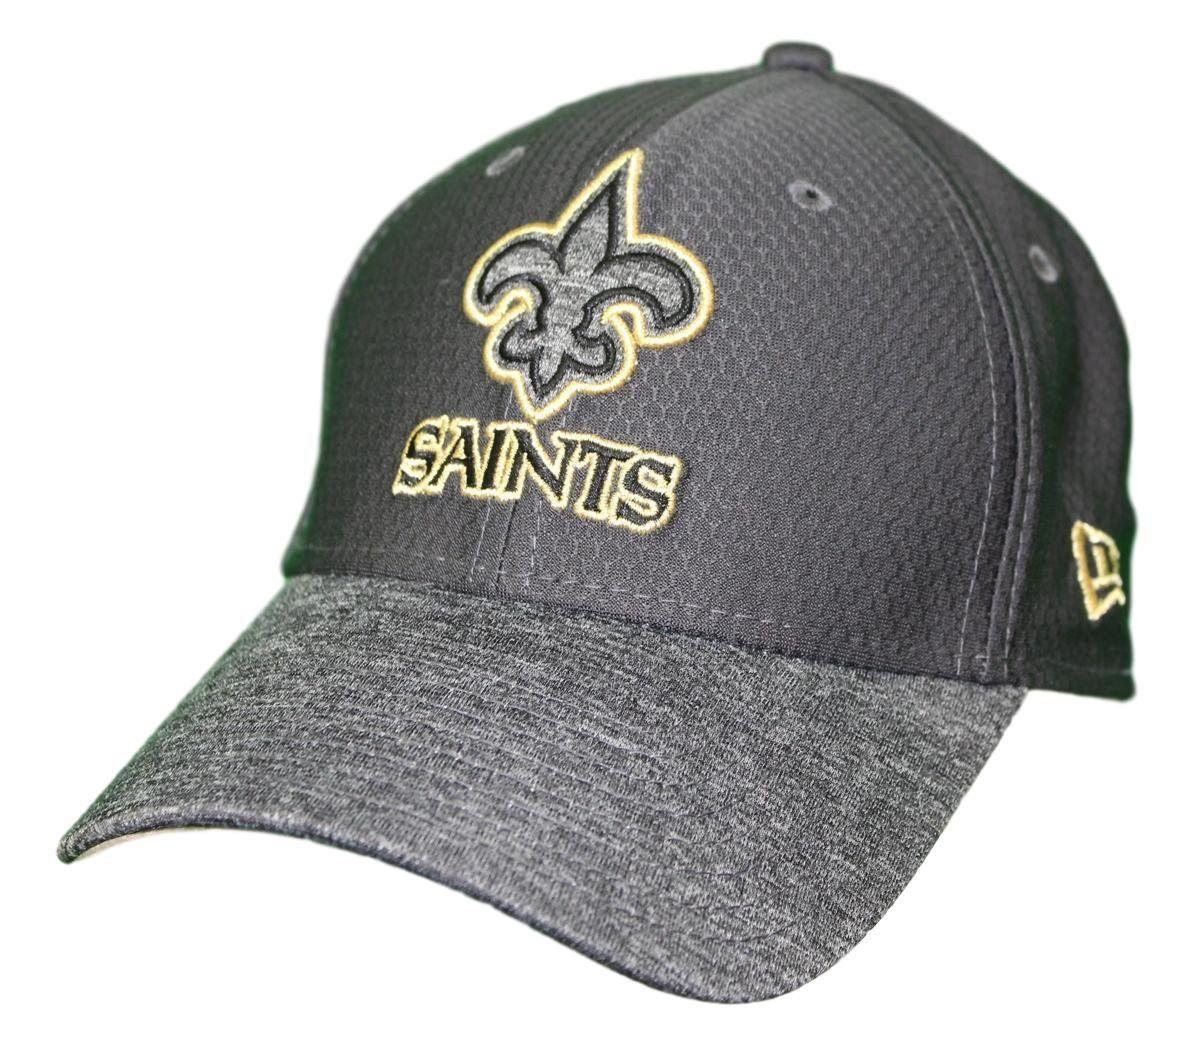 49d0754c5d0e62 New Era New Orleans Saints NFL 39THIRTY Popped Shadow Flex Fit Hat -  Graphite, $27.95